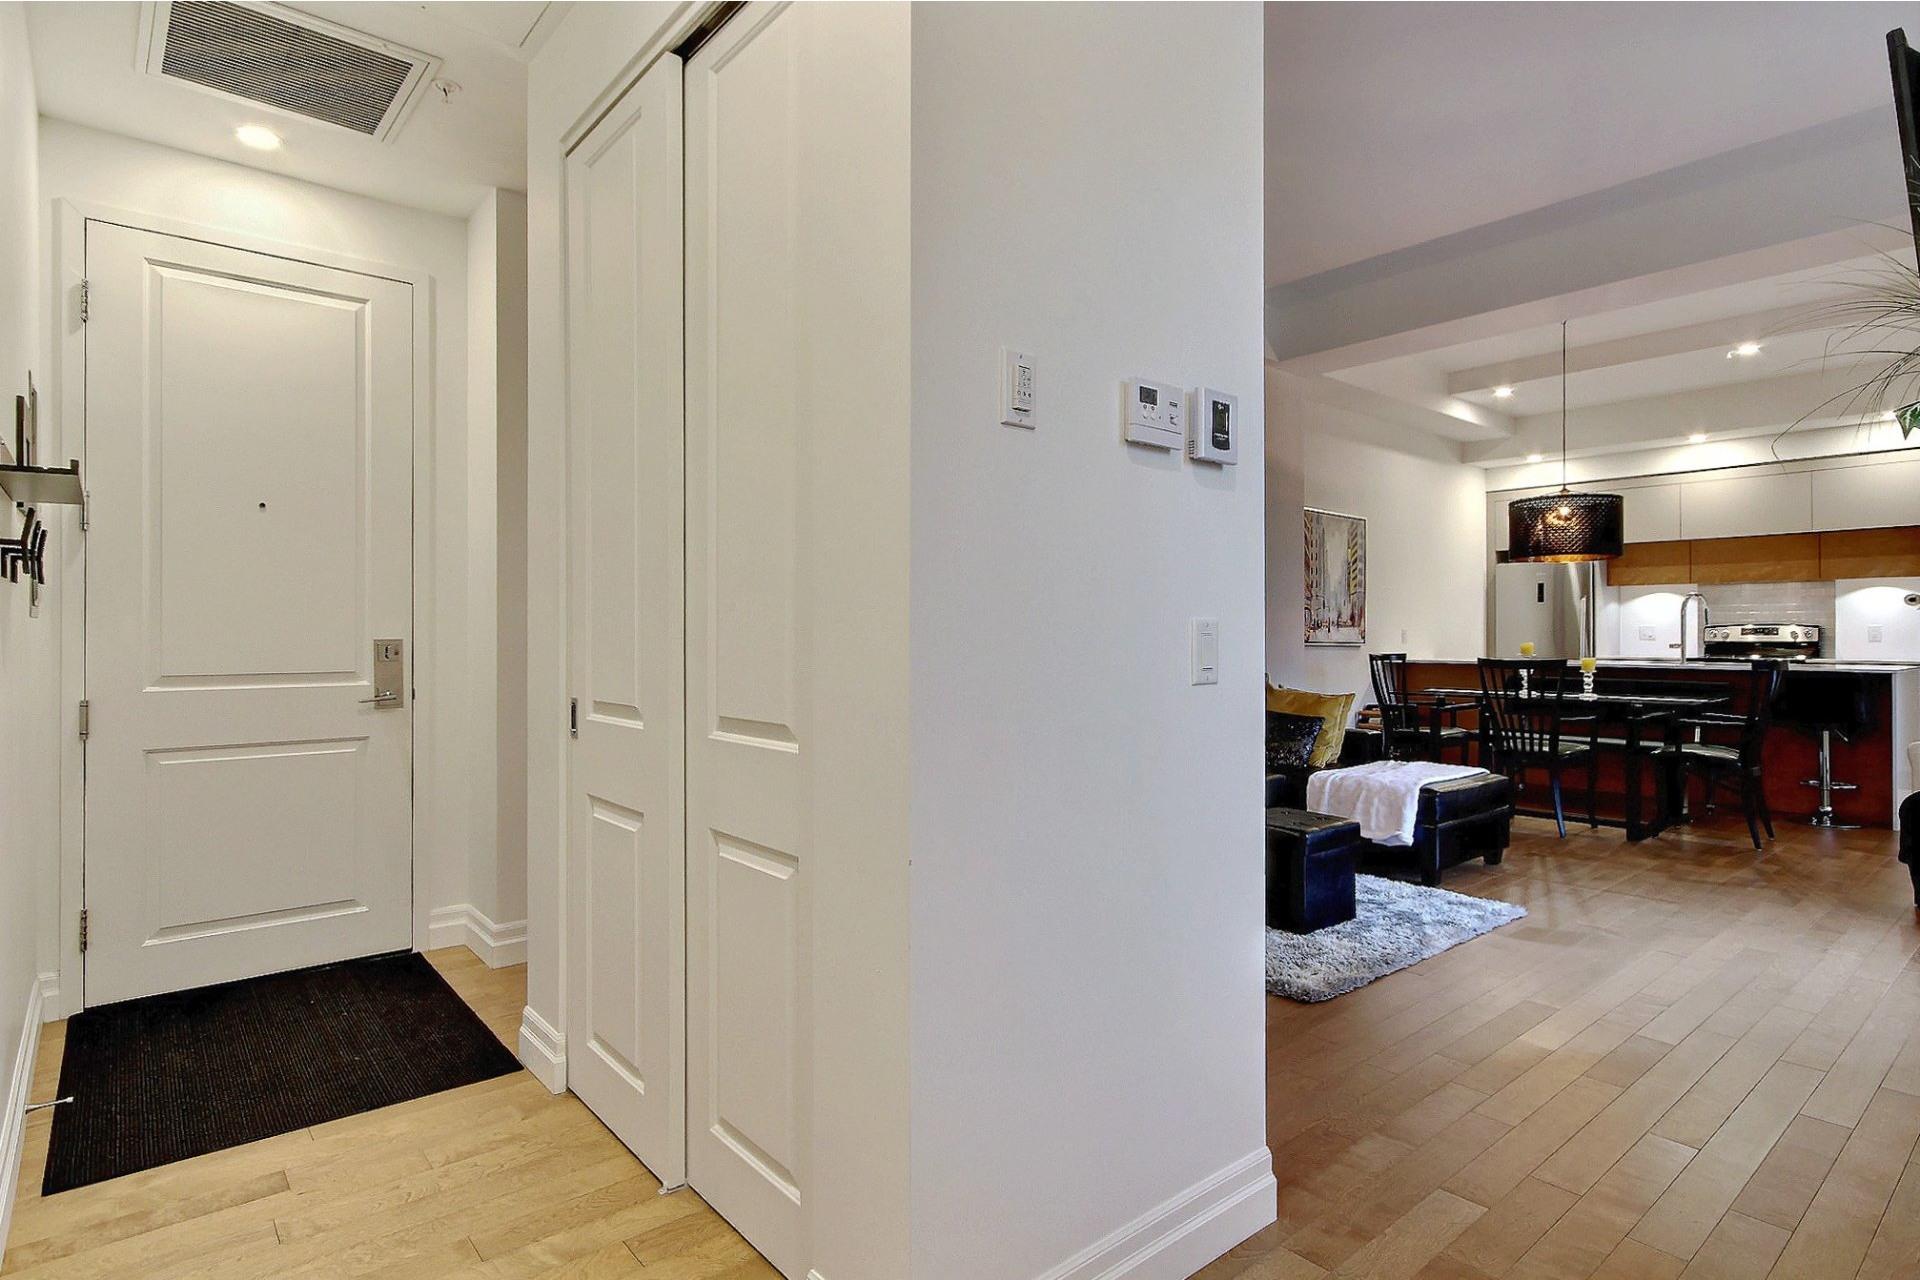 image 12 - Appartement À vendre Sainte-Foy/Sillery/Cap-Rouge Québec  - 7 pièces